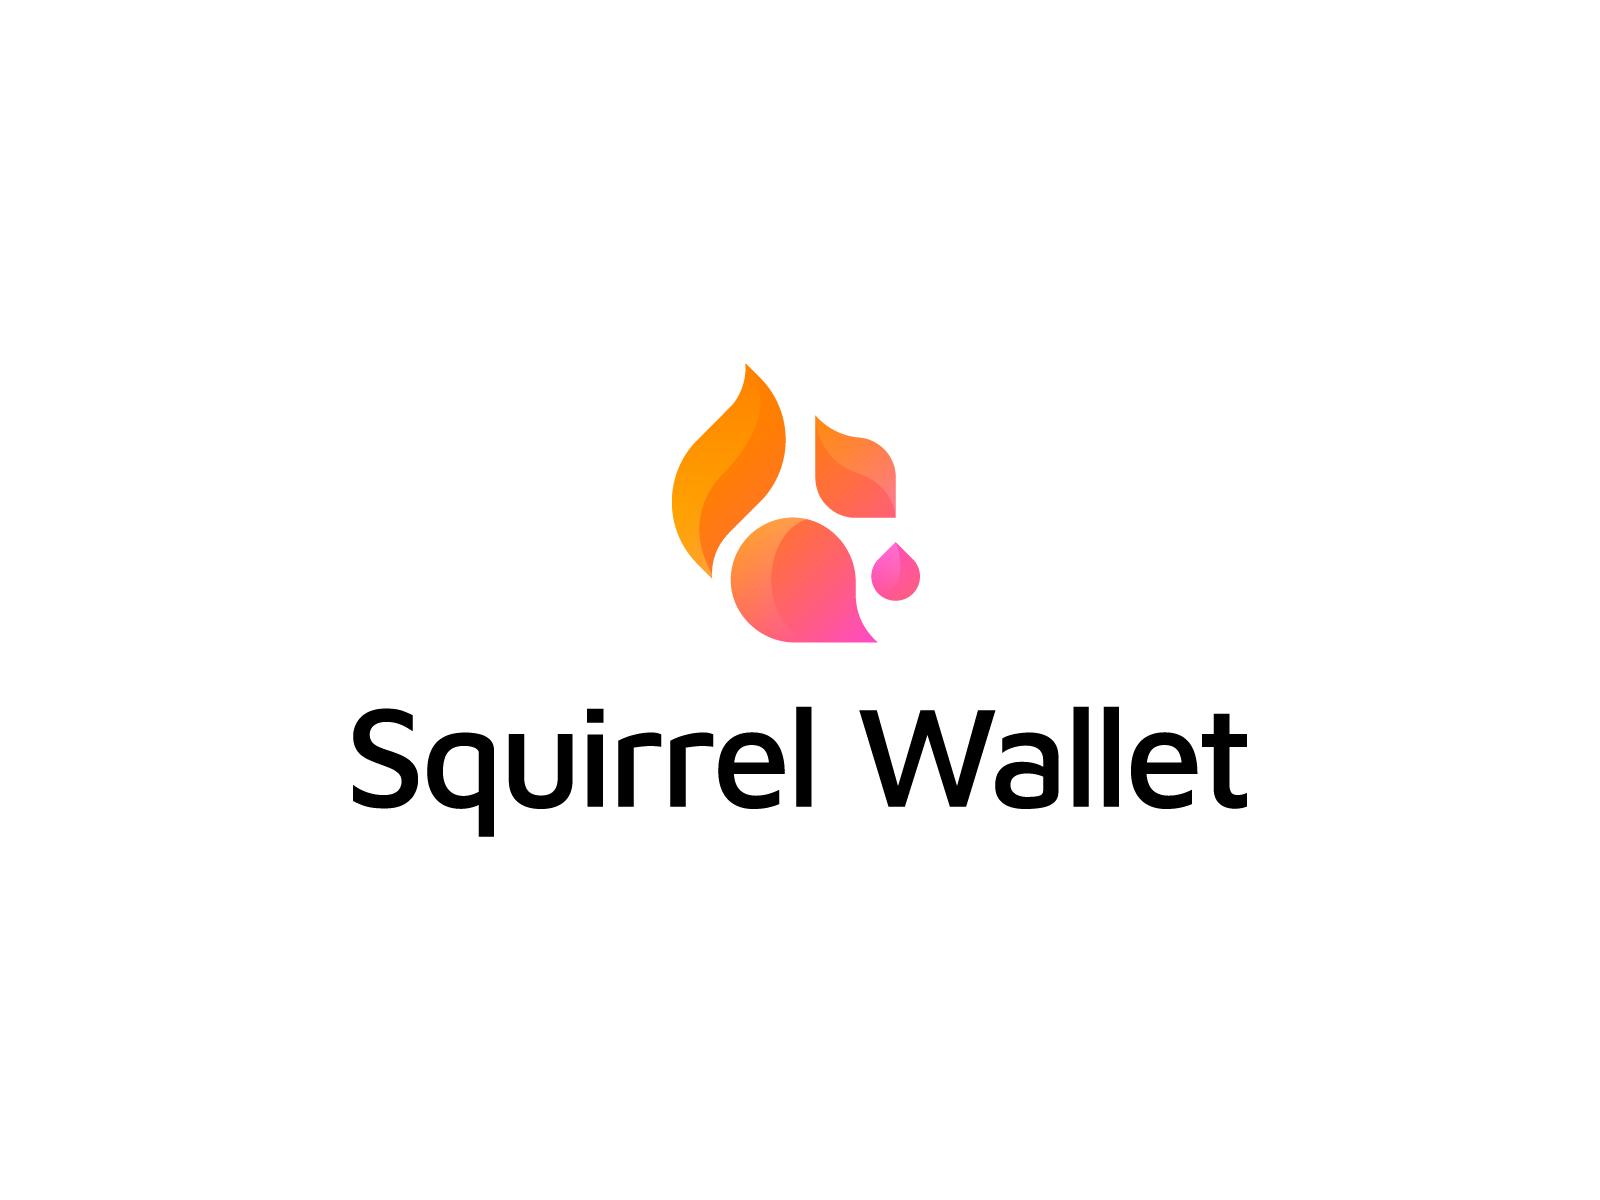 Squirrel Wallet – Logo Design